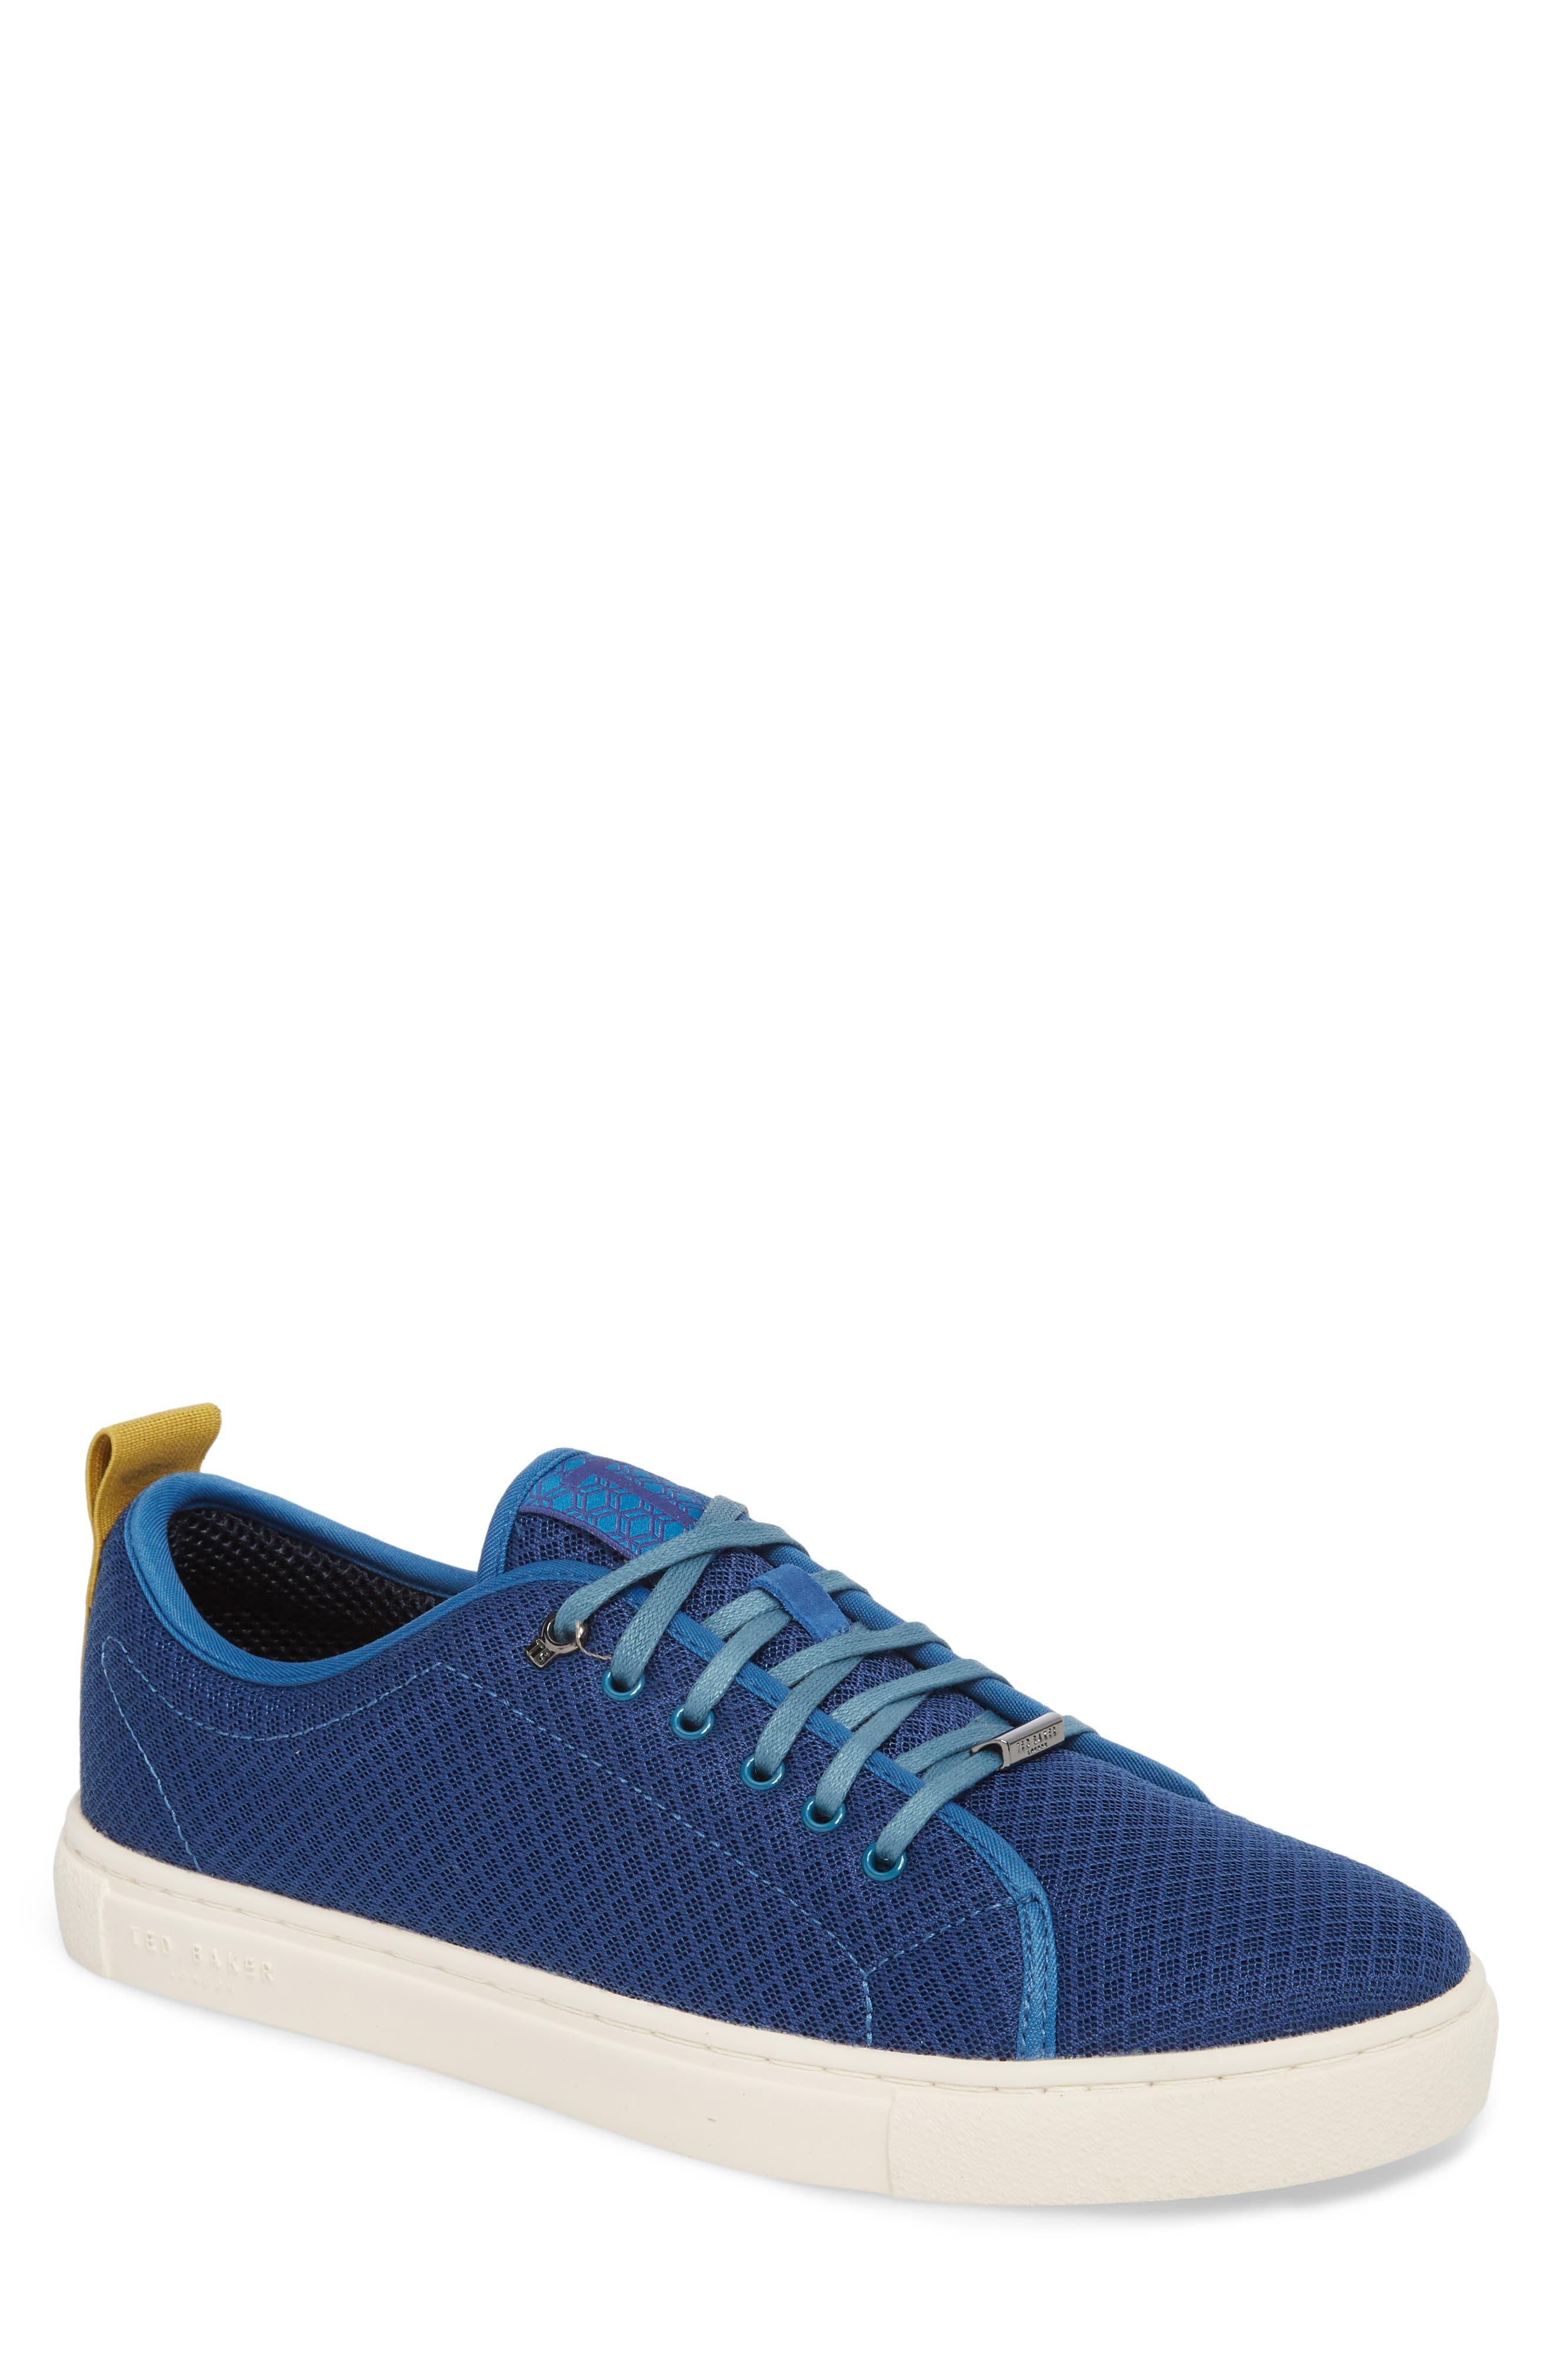 Lannse Low Top Mesh Sneaker,                             Main thumbnail 1, color,                             Blue Textile